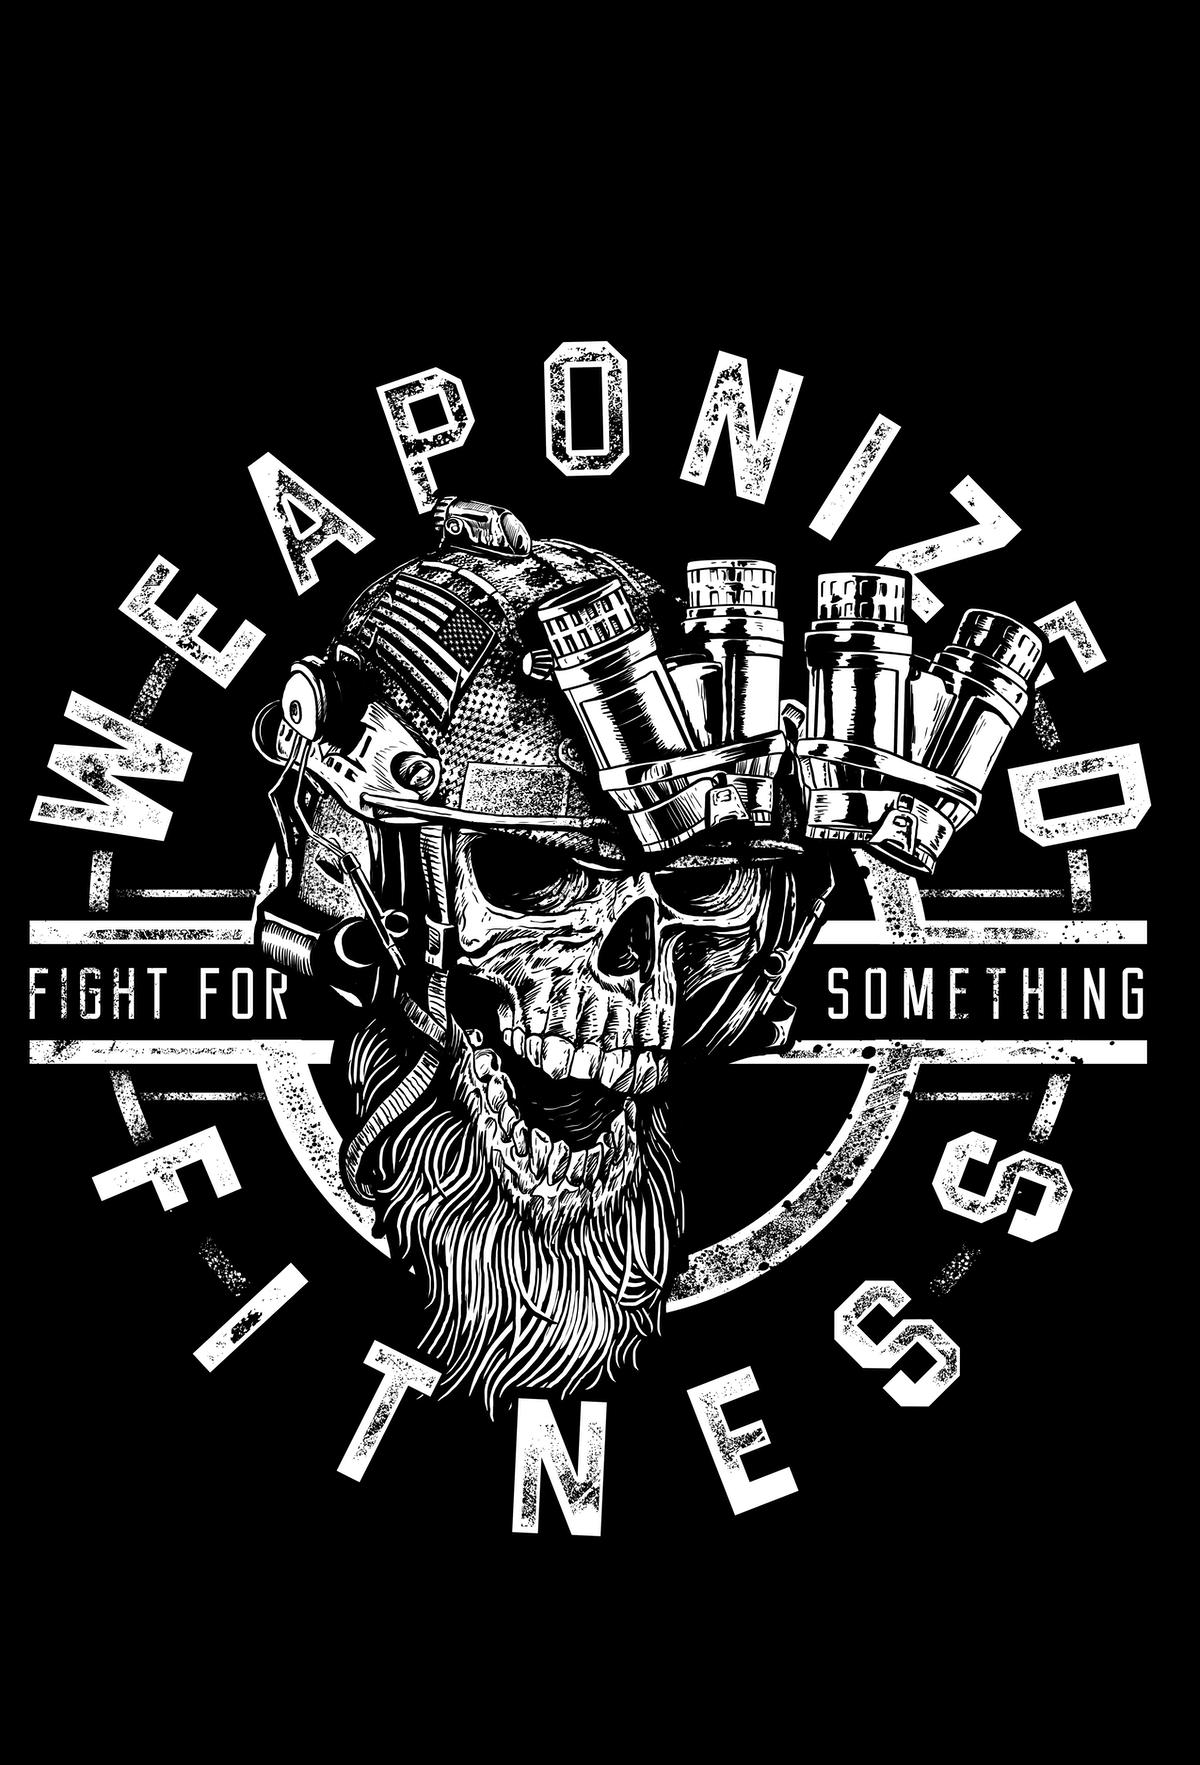 Rhino/ Weaponized Fitness Update